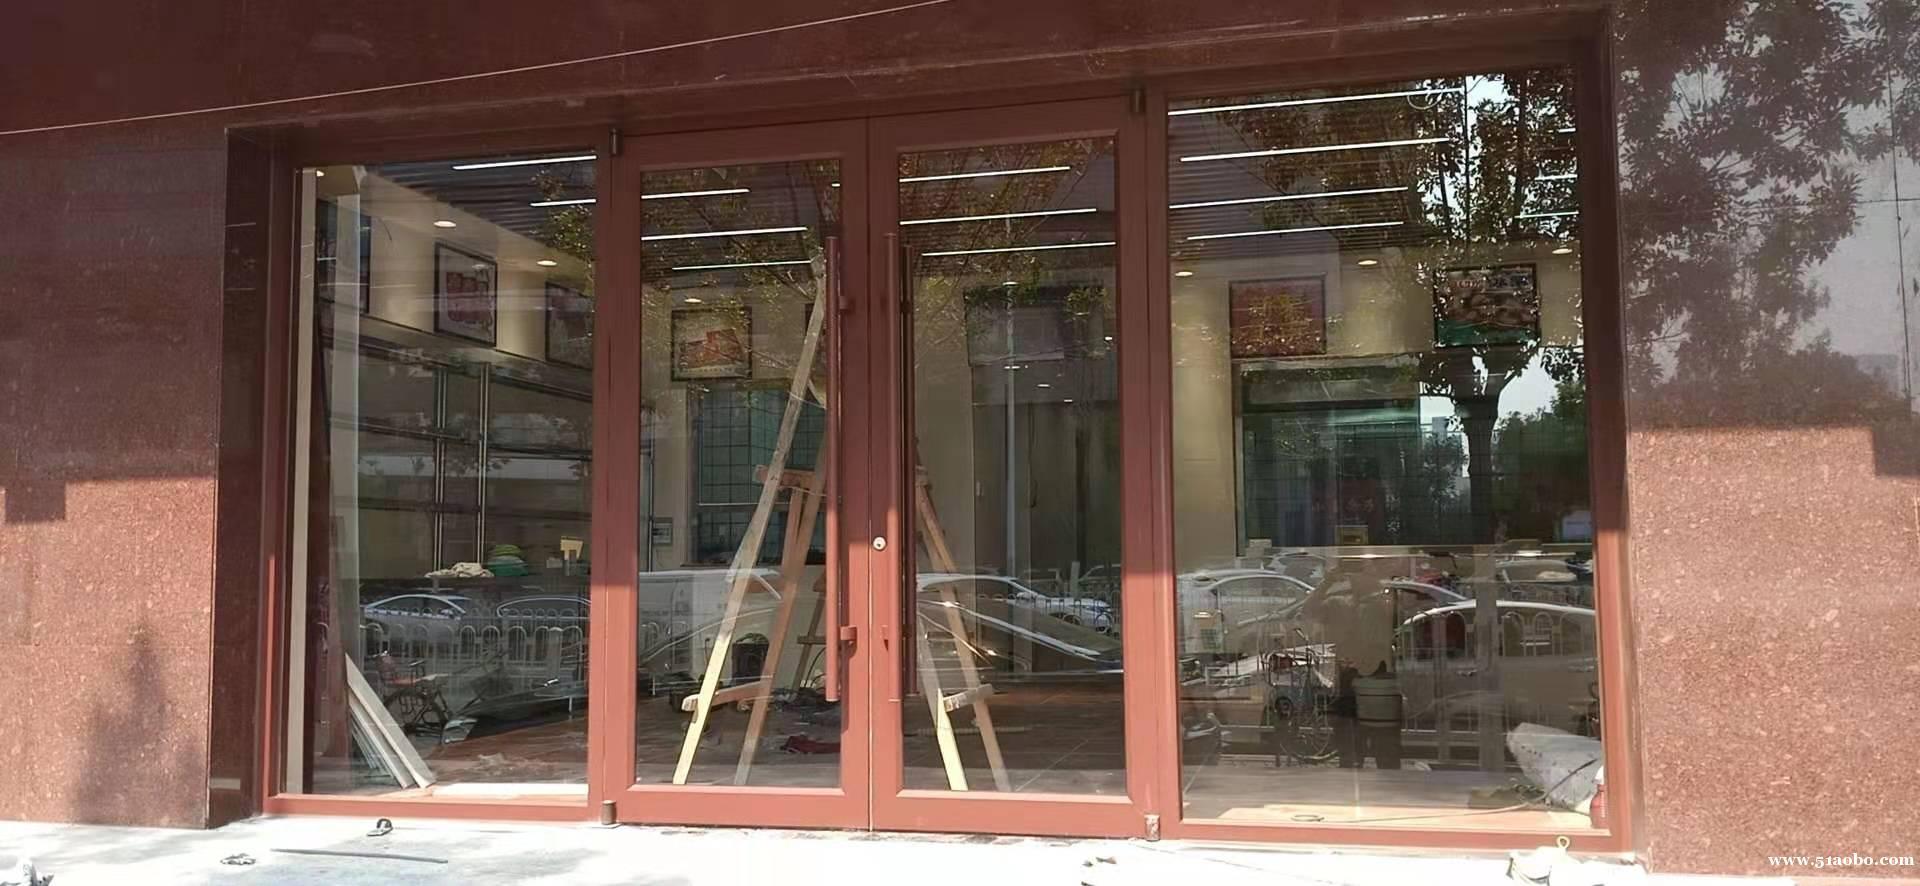 西青区安装钢化玻璃门肯德基玻璃门更换碎玻璃玻璃隔断